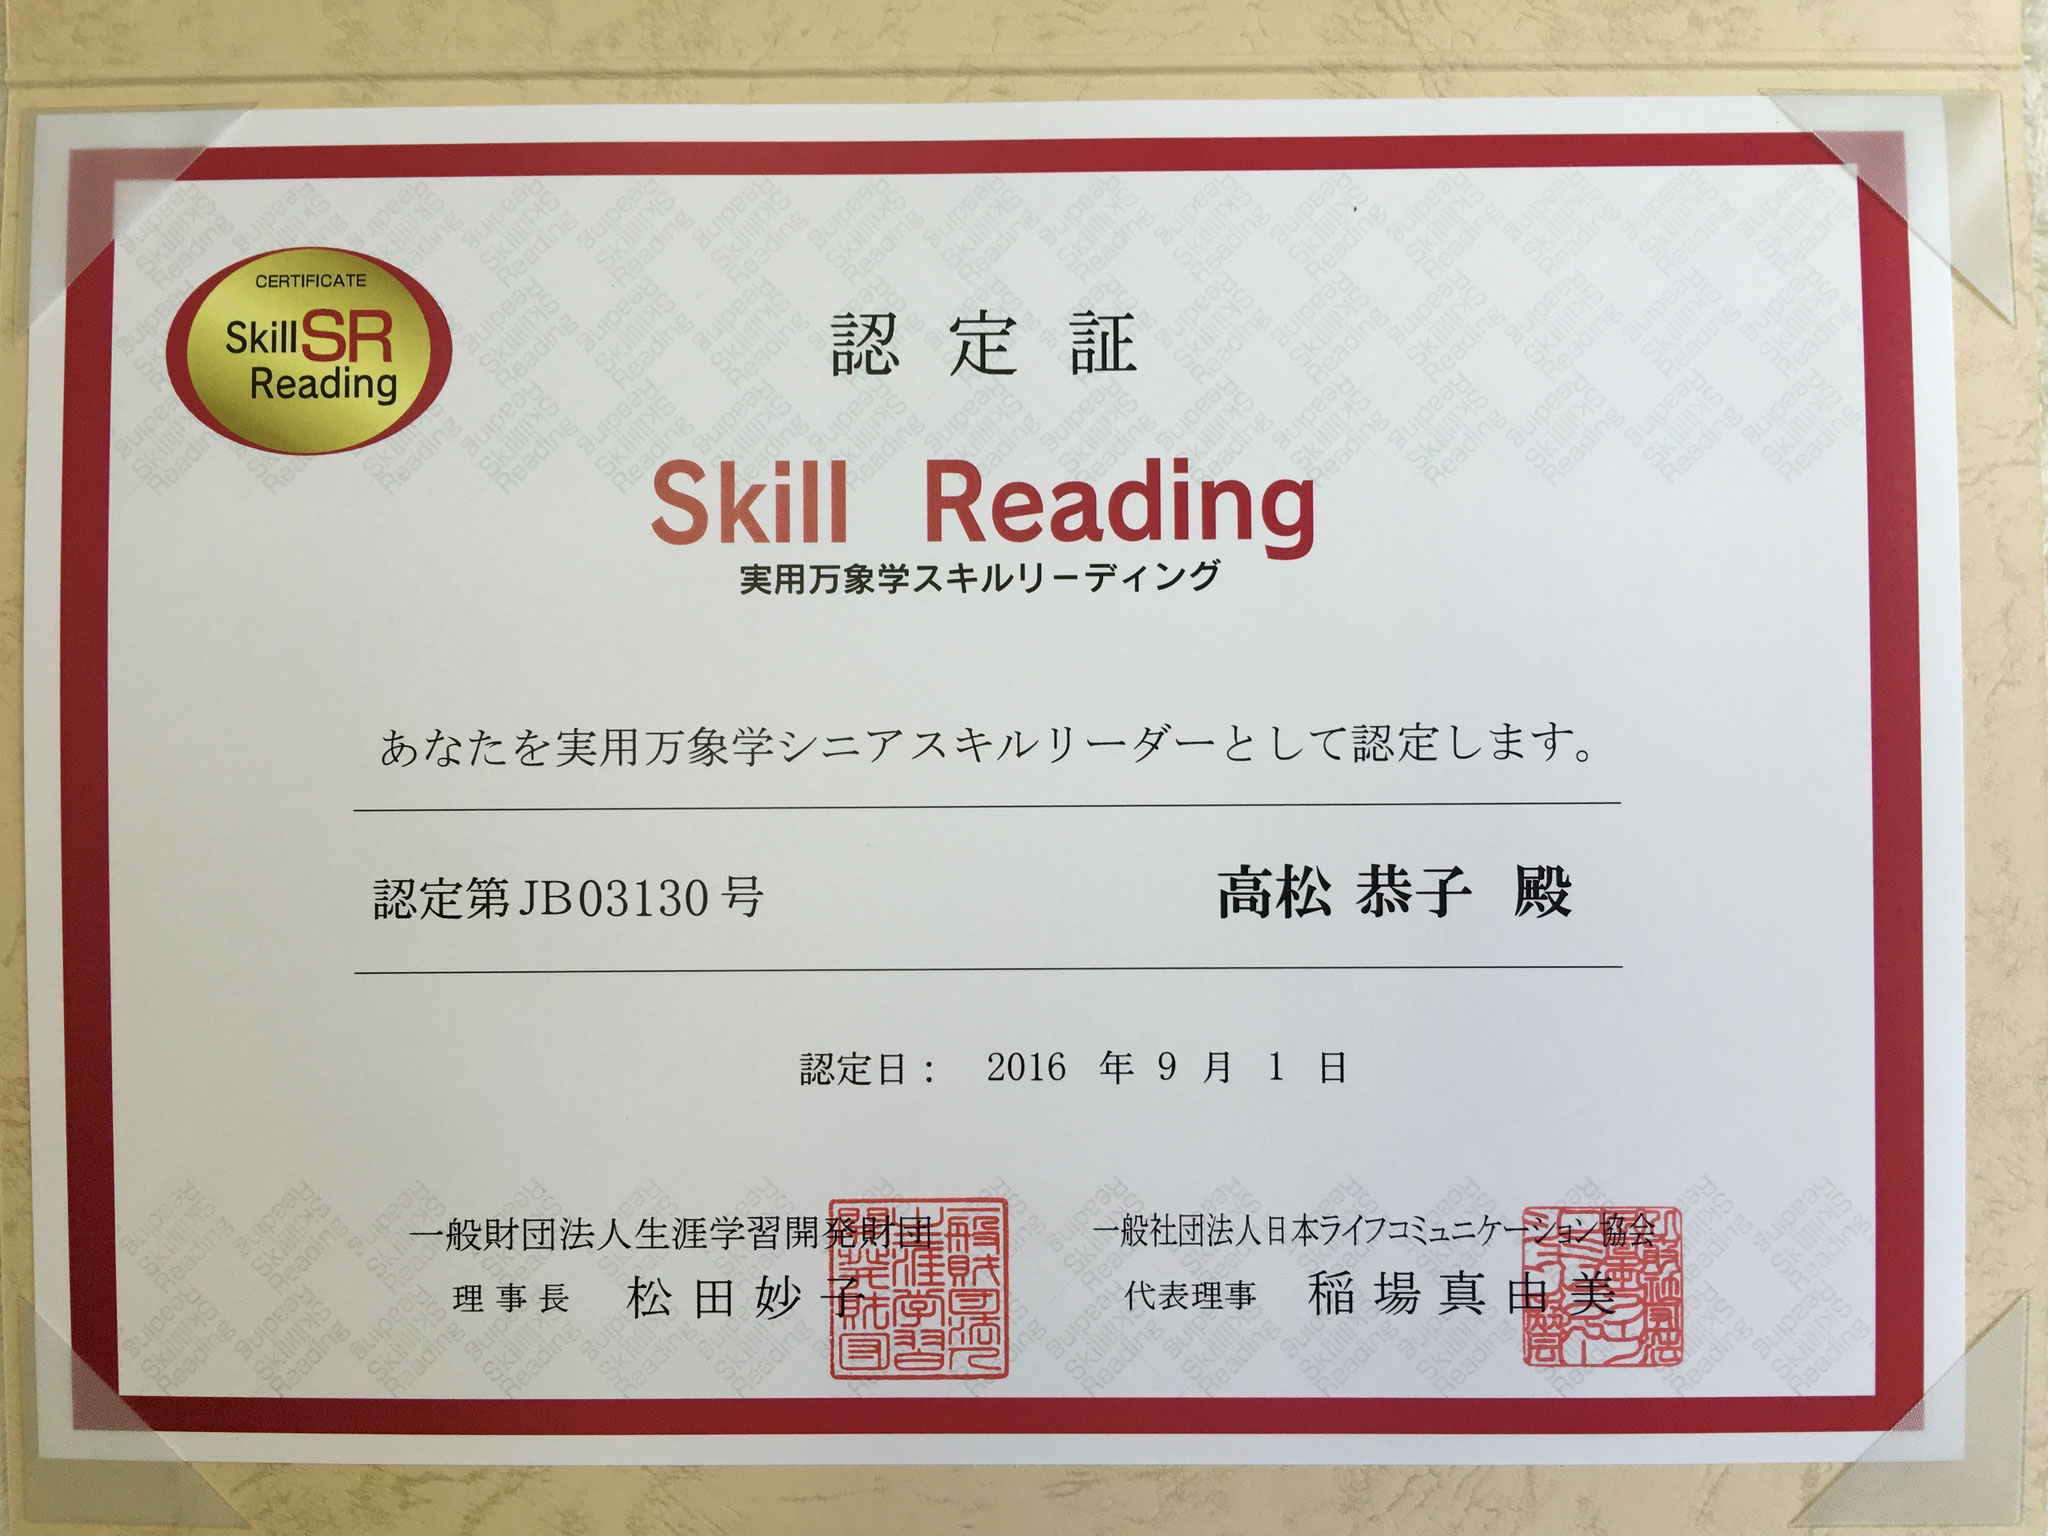 2016年9月1日 実用万象学シニアスキルリーダー資格取得(日本ライフコミュニケーション協会認定)